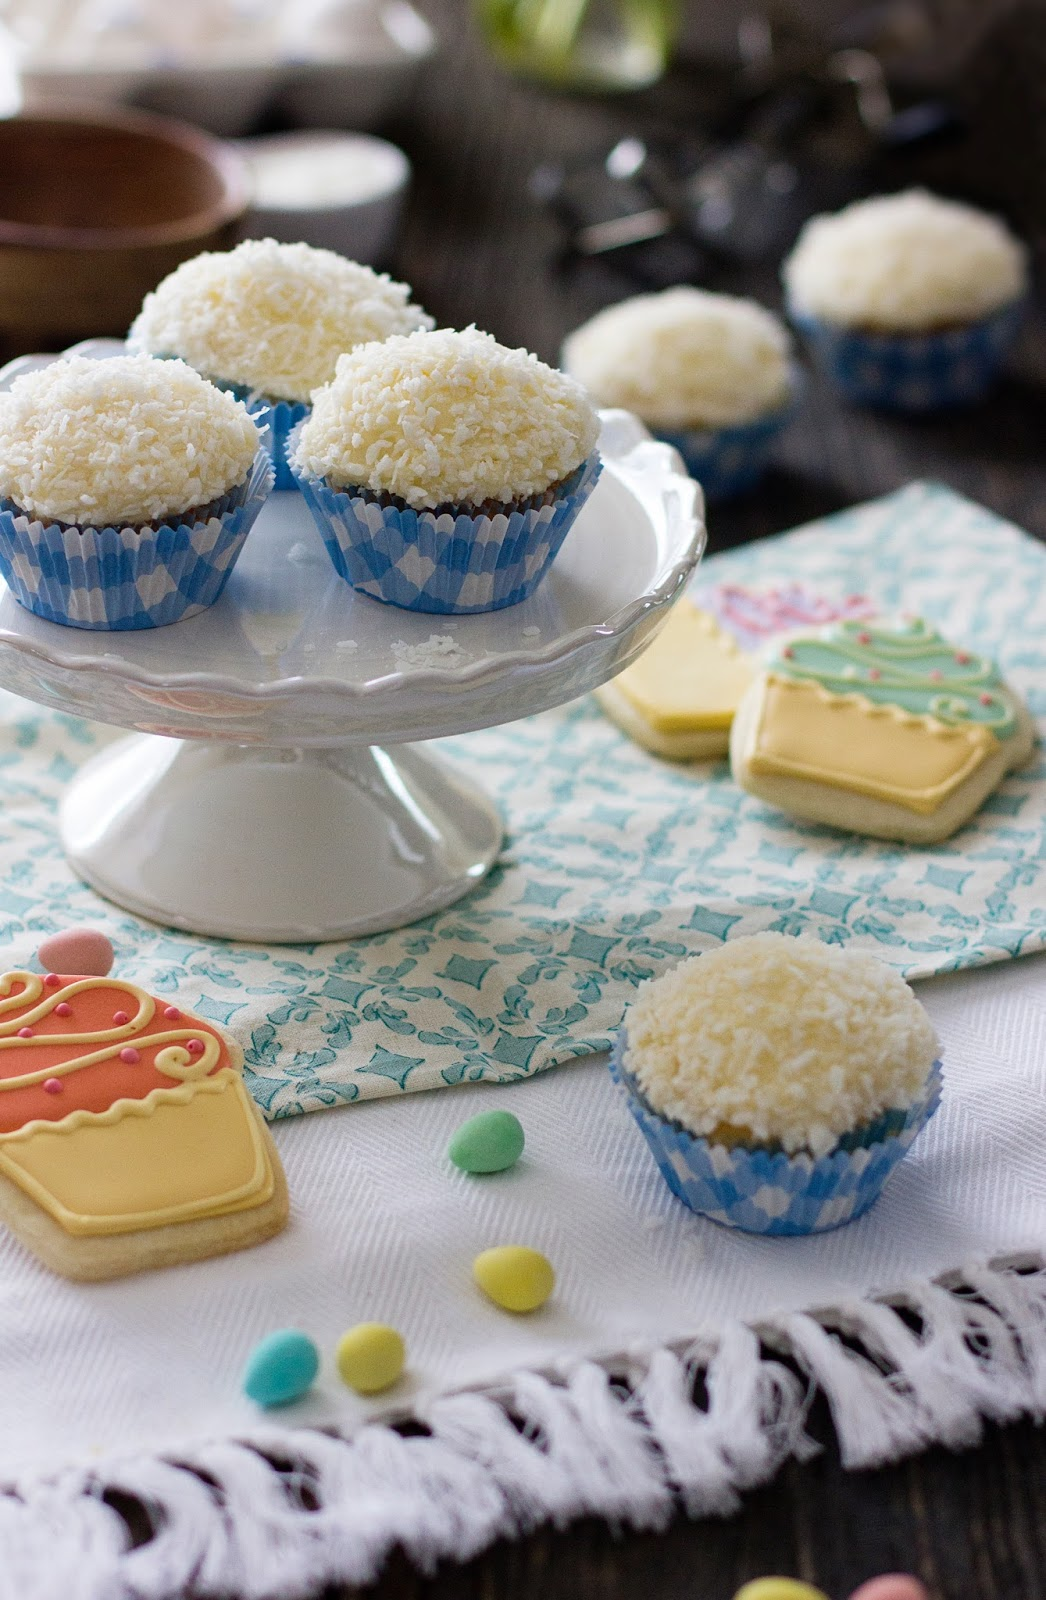 Vanillia-Bunny-Tail-Coconut-Cupcakes